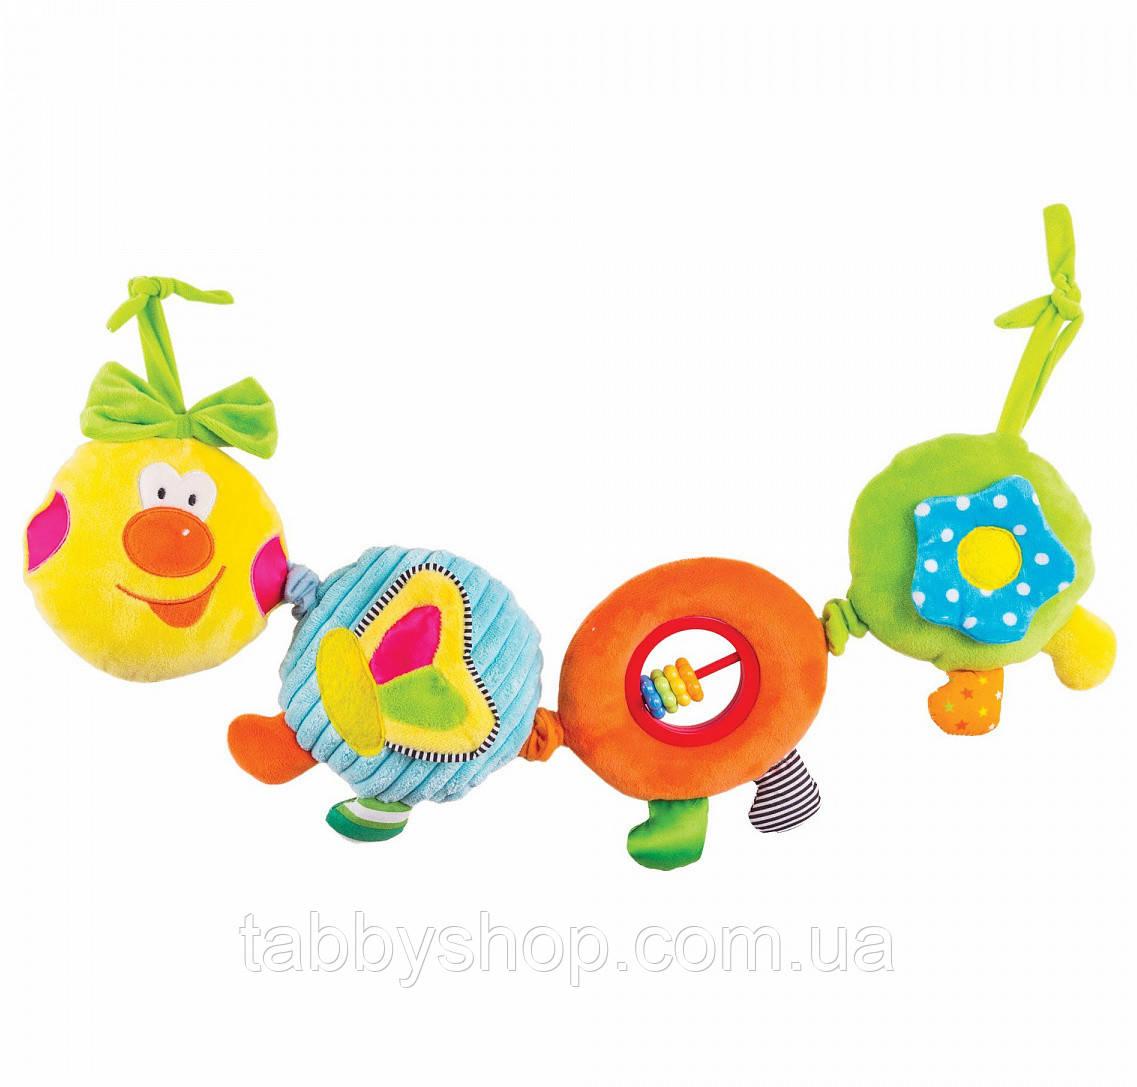 Іграшка-підвіска Happy Snail Весела гусеничка